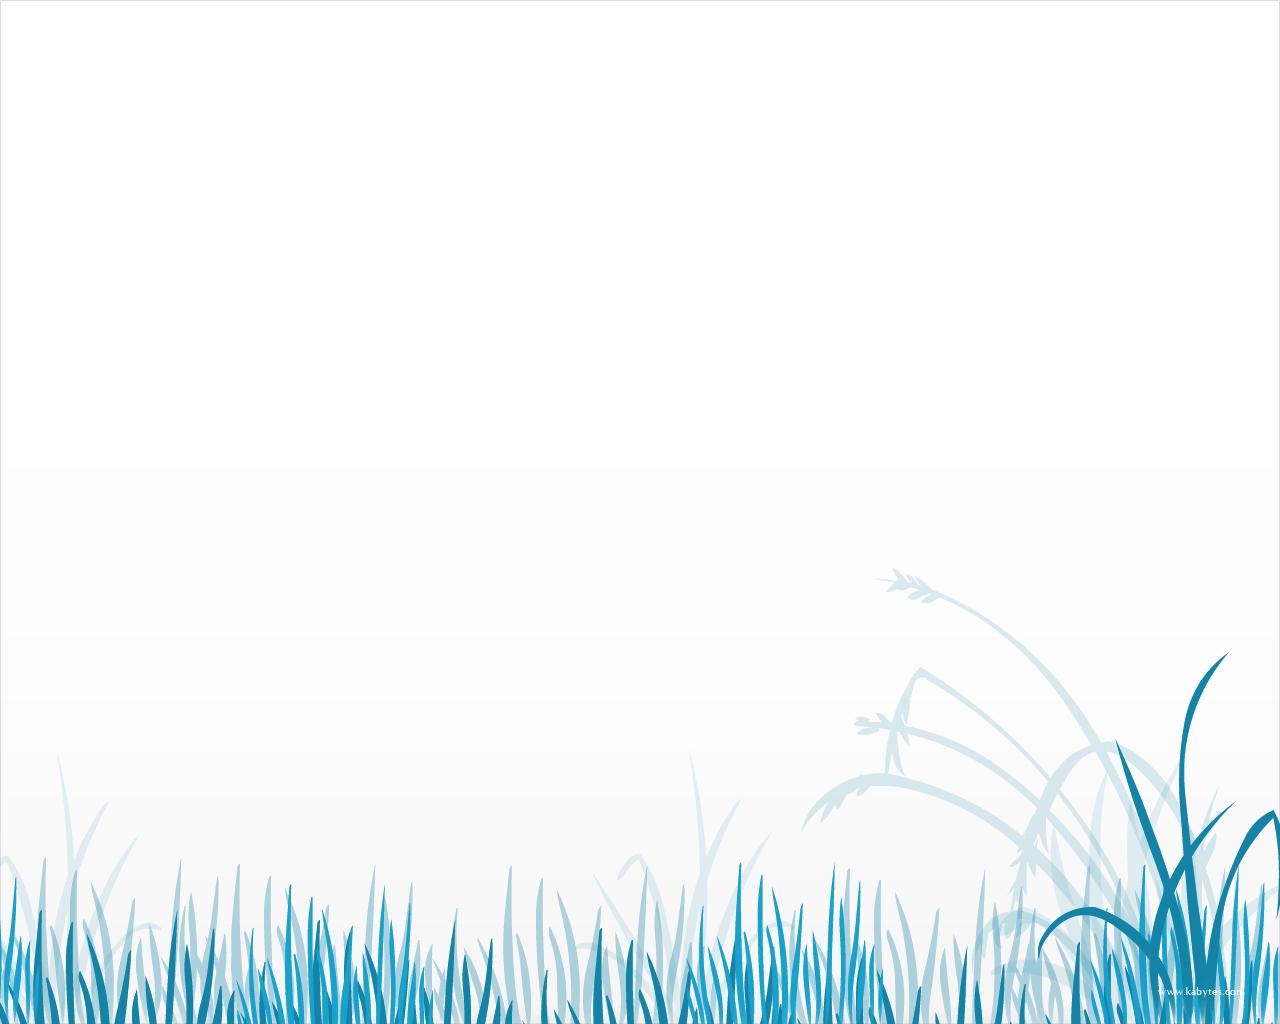 Abstract Iphone 5 Wallpaper Hd Wallpapers Blancos Gratis Kabytes